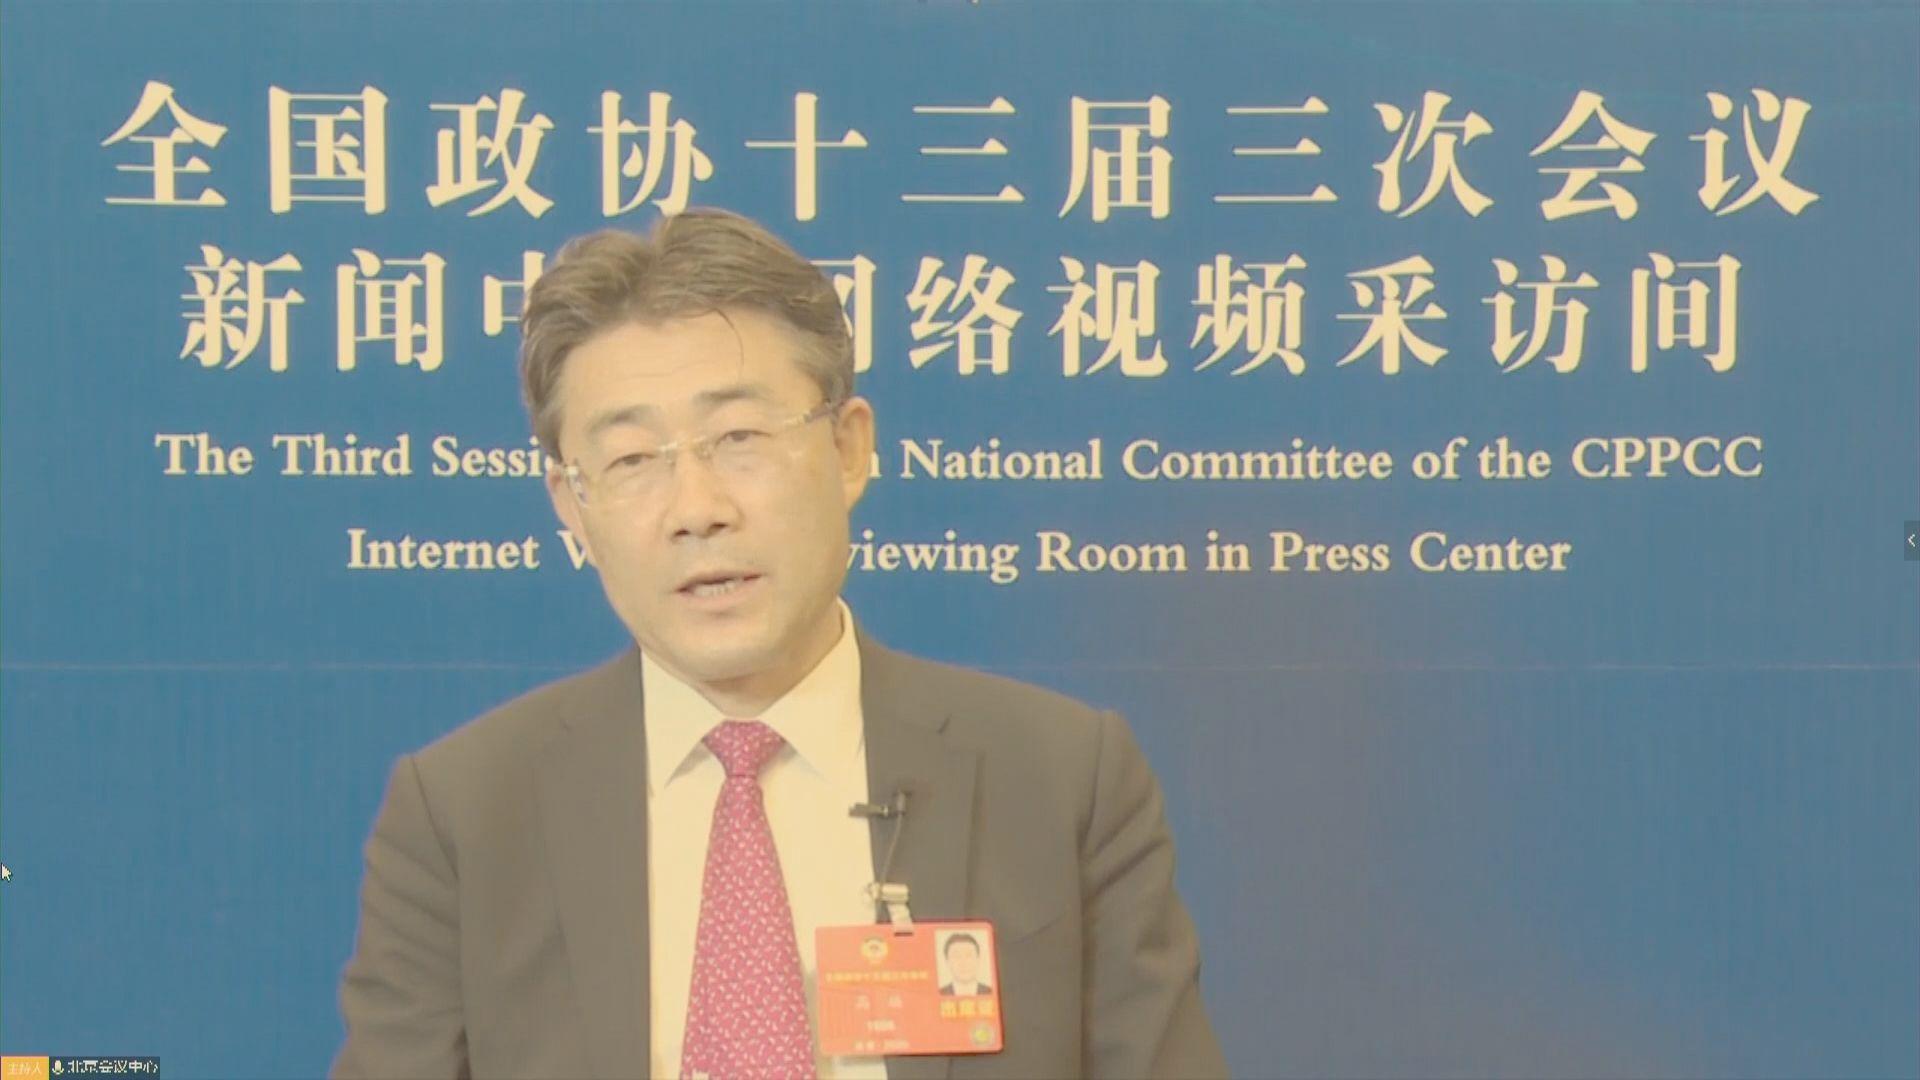 中國疾控中心主任:內地面對疫情如閉卷考試 表現很好